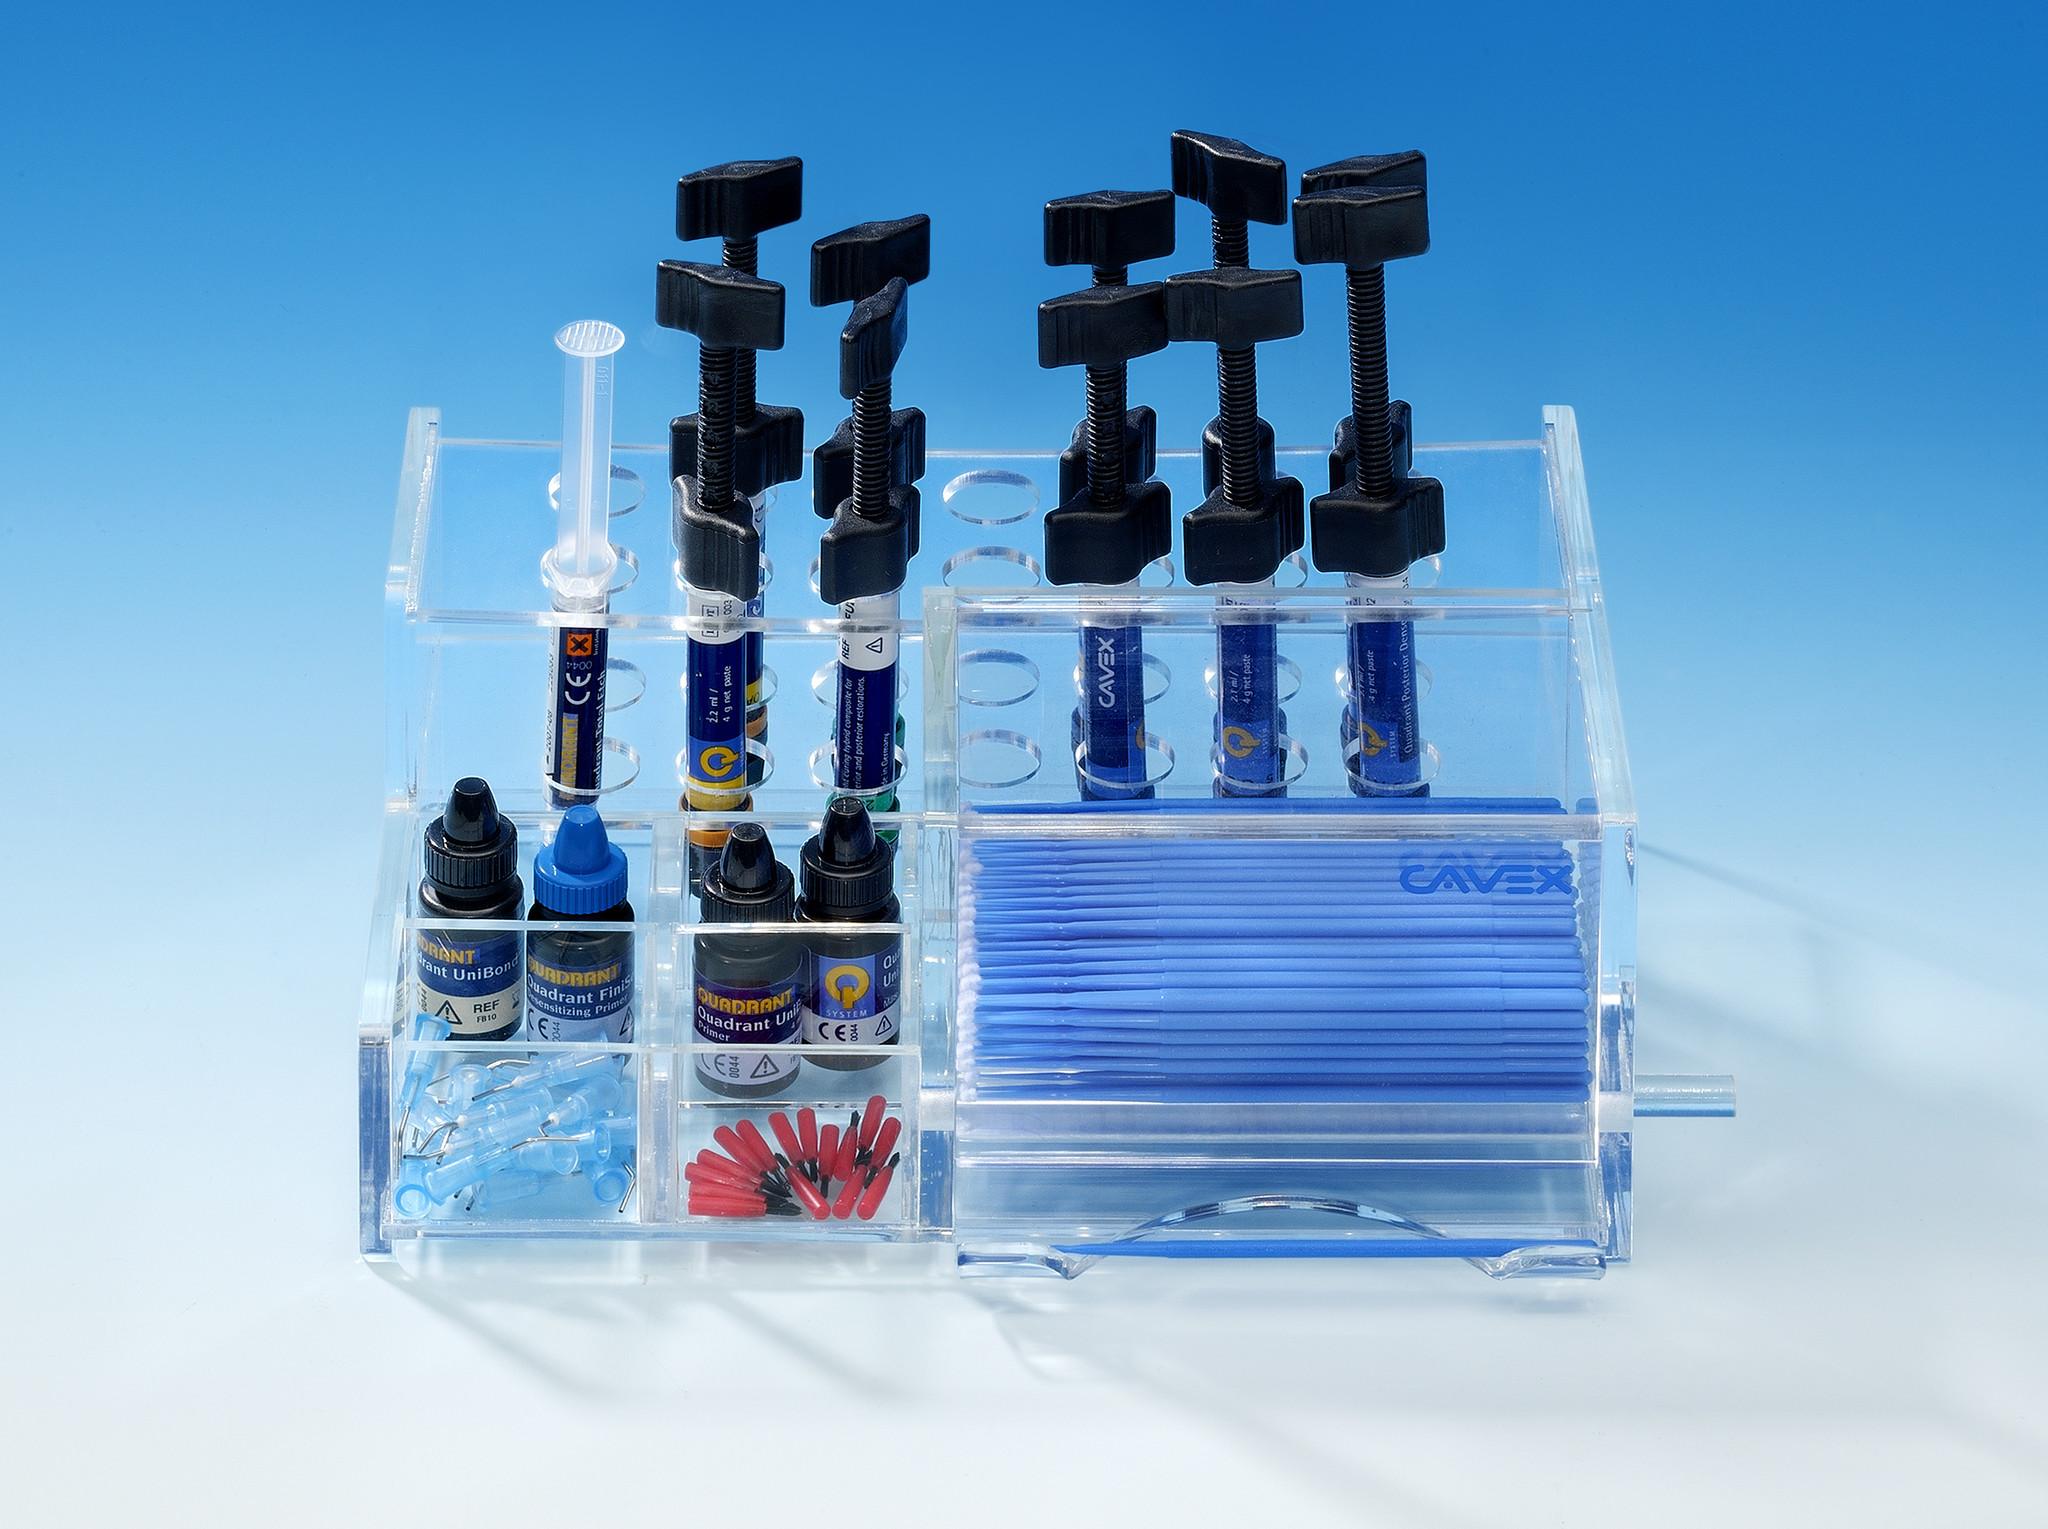 Cavex Quadrant Q-Systemiser Syringes